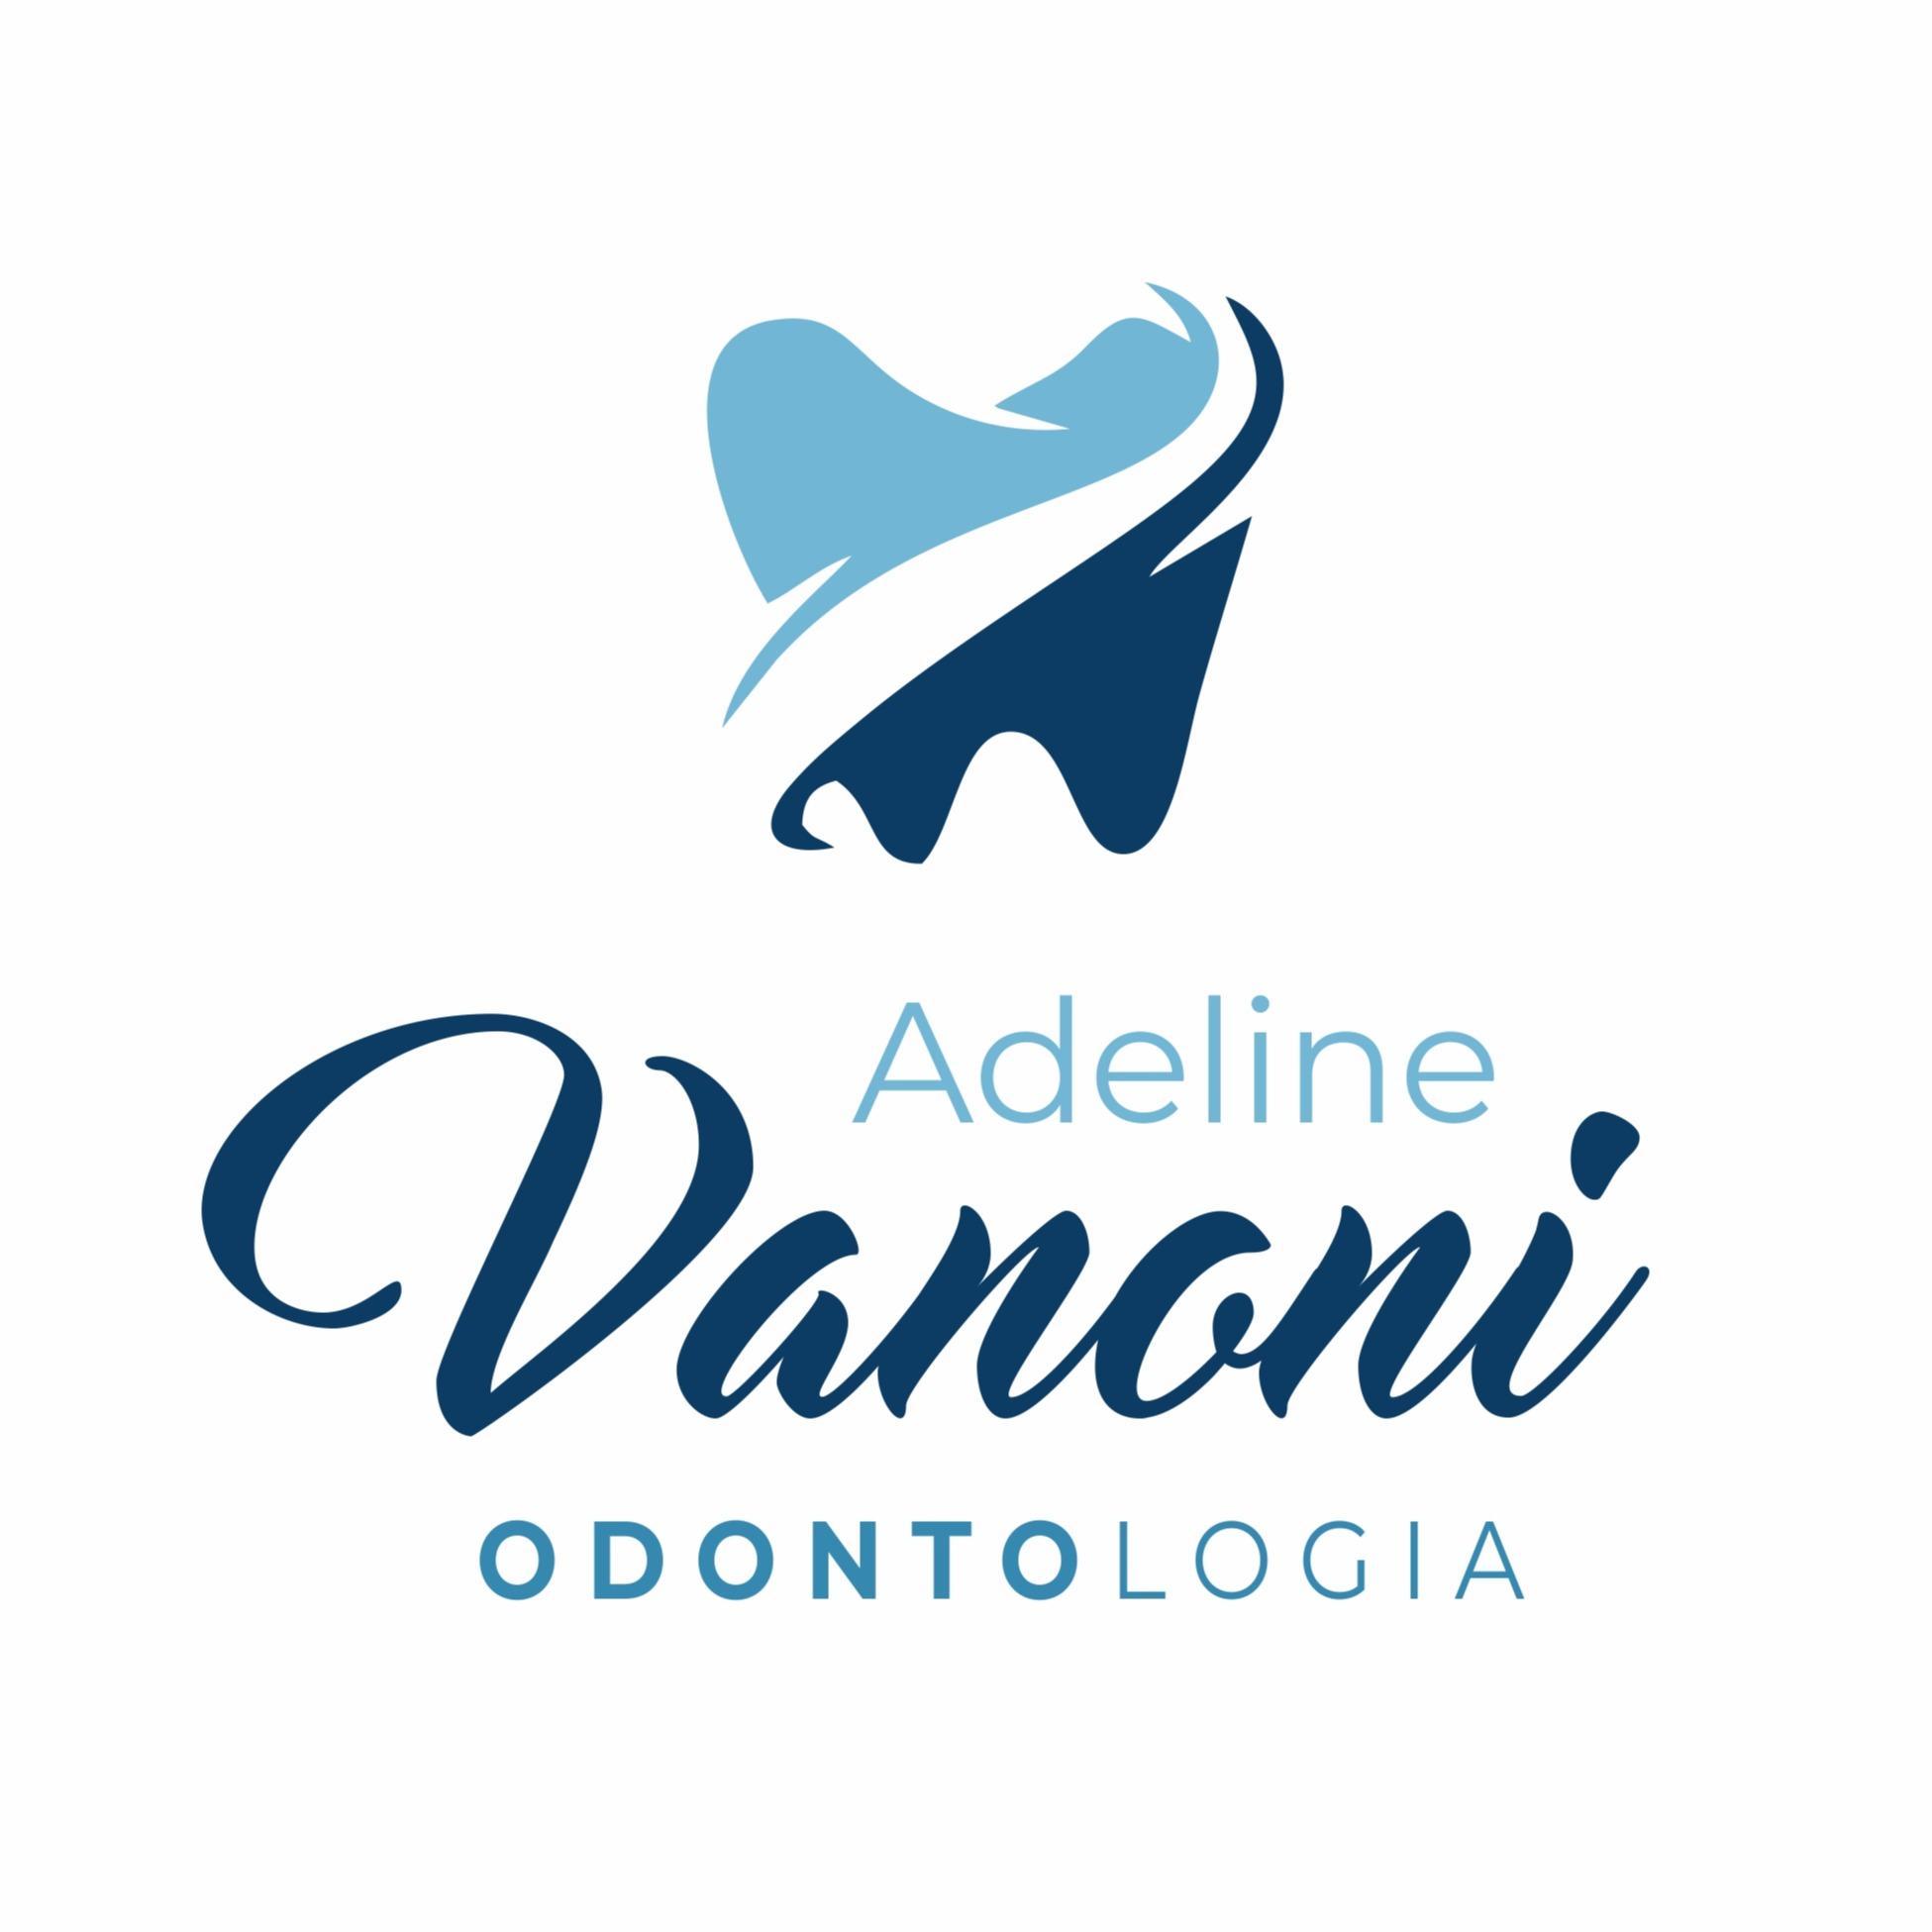 @odontologiavanoni Profile Image | Linktree